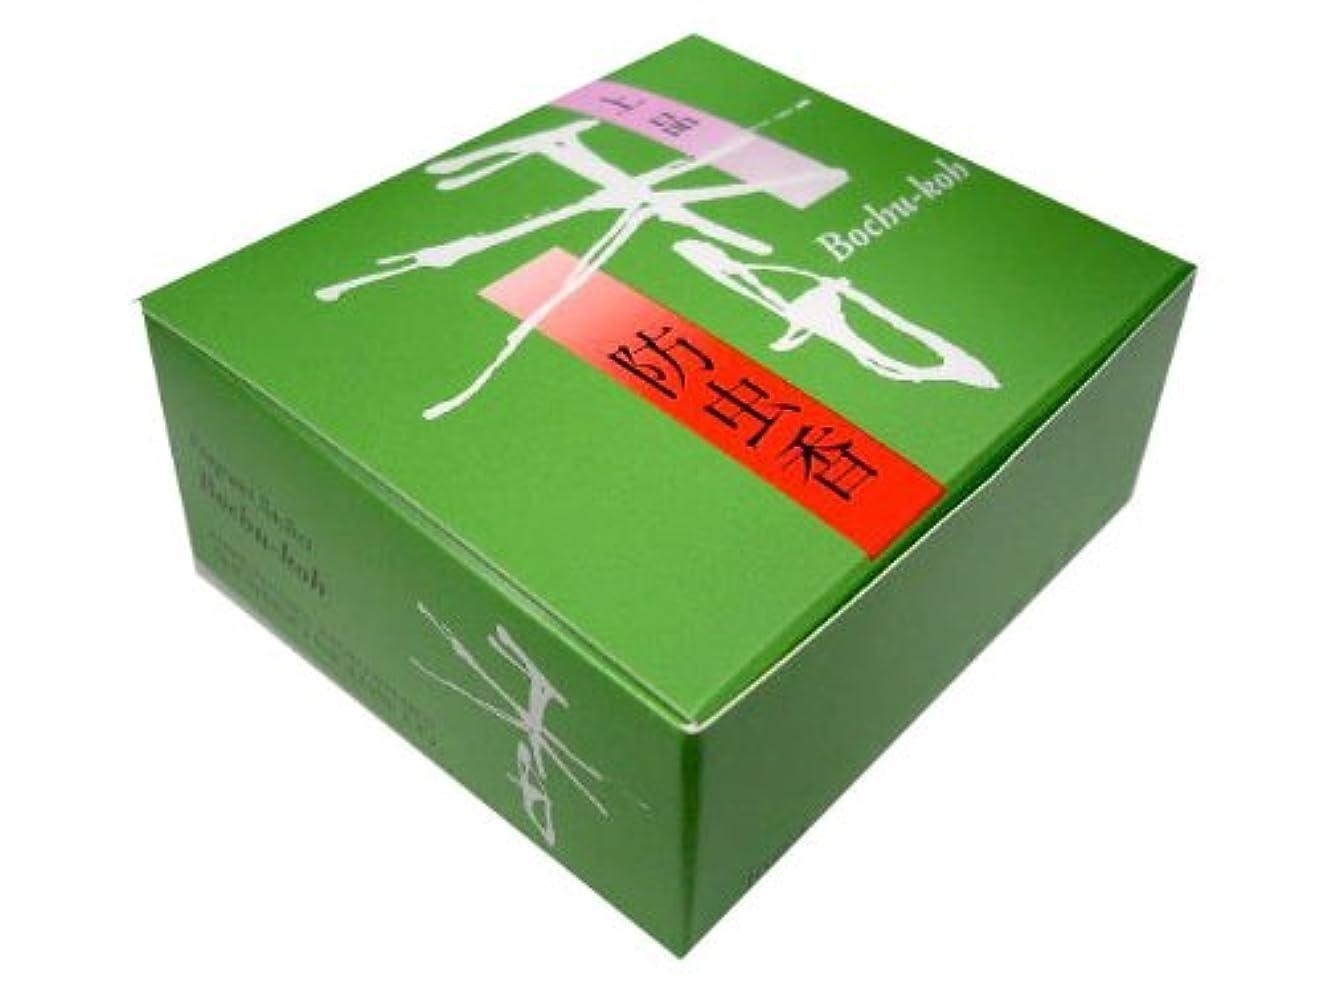 保険刈り取るインチ松栄堂の防虫香 上品 防虫香 10袋入 #520138